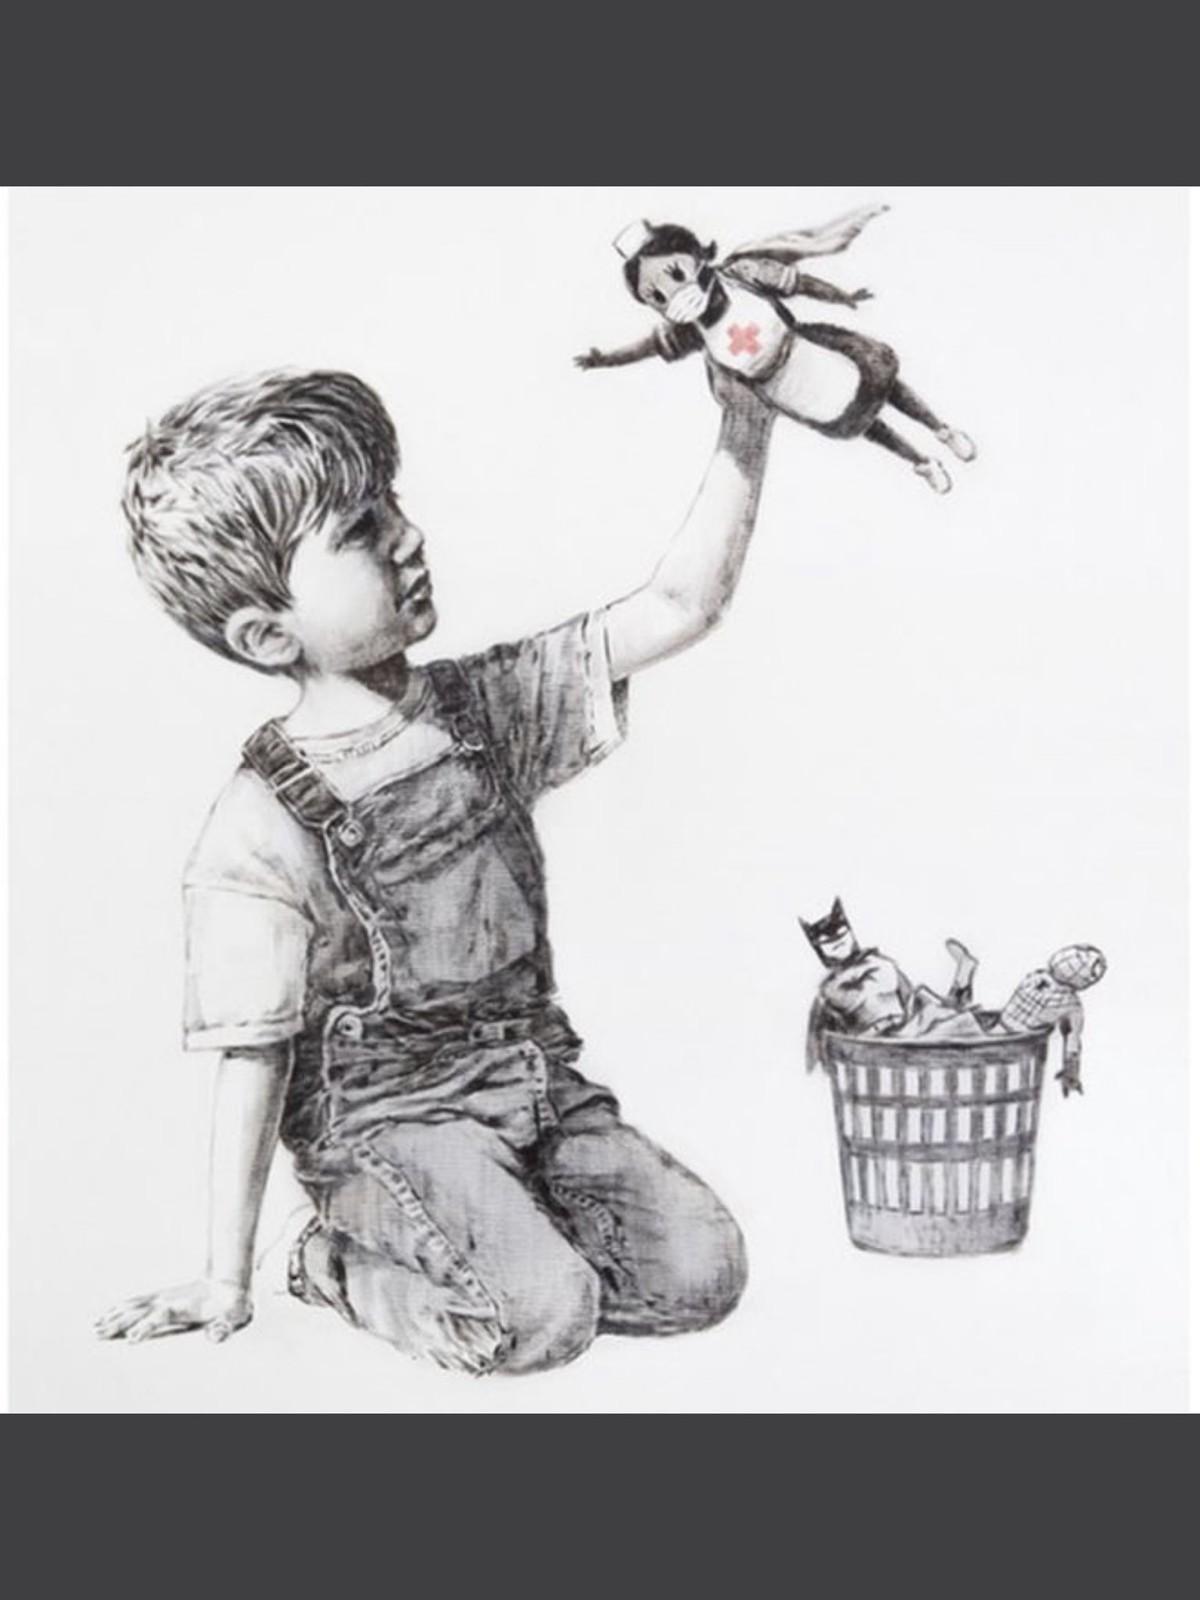 Nova obra de Banksy mostra enfermeira como heroína | Coronavírus